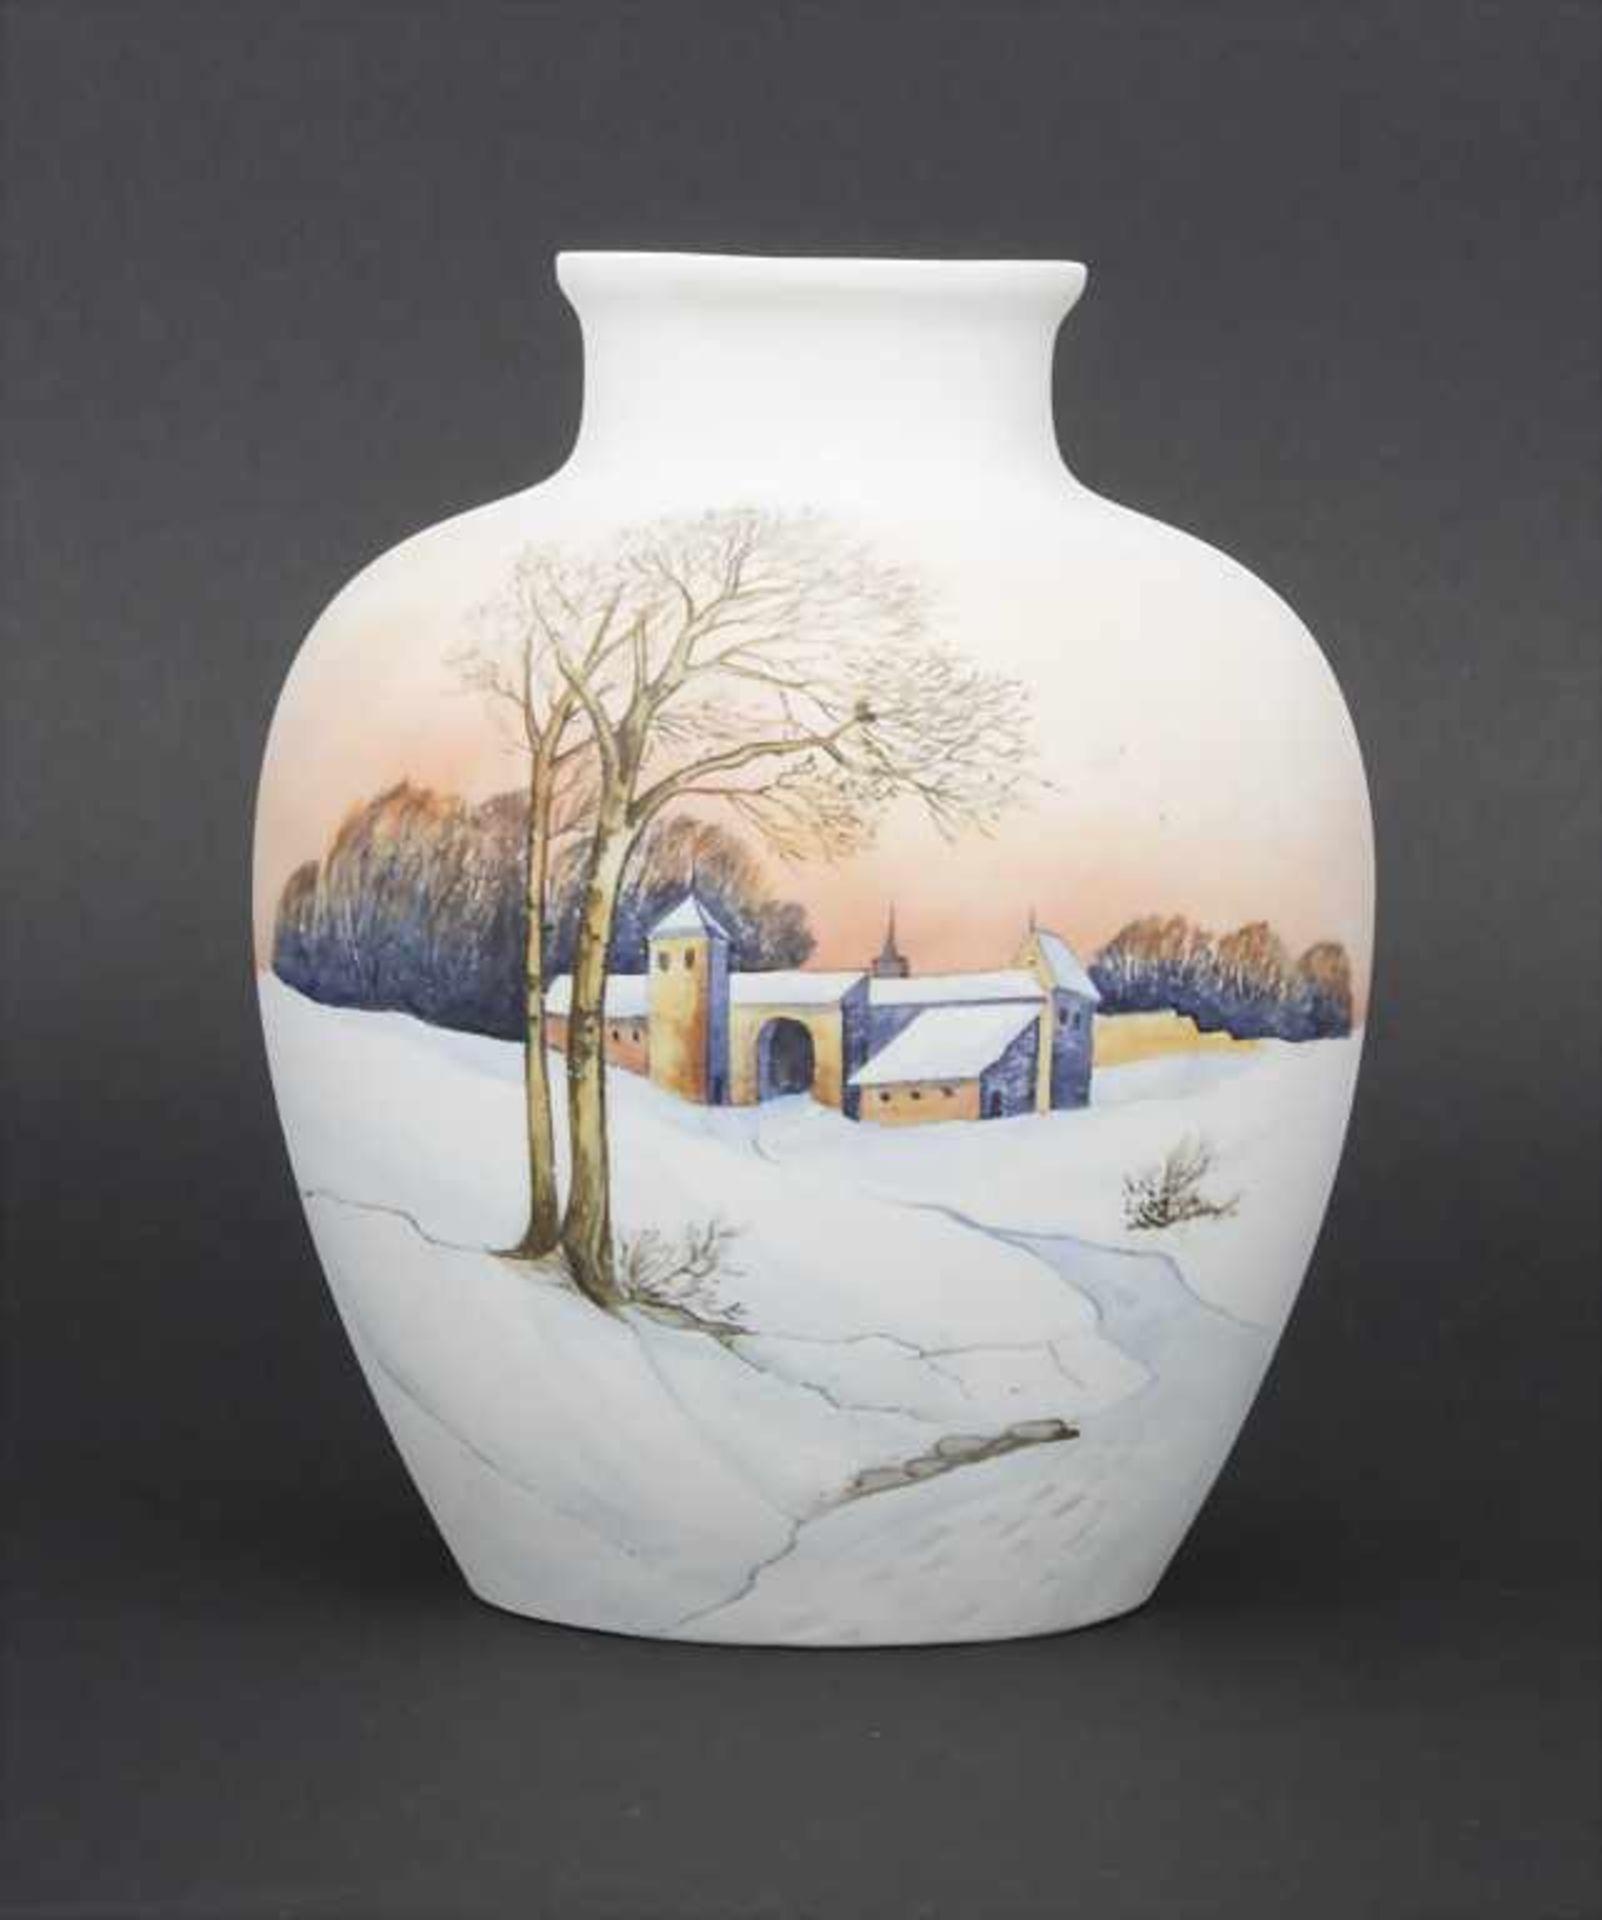 Vase mit Winterlandschaft / A vase with a winter landscape, Karl Ens, Volkstedt, um 1900